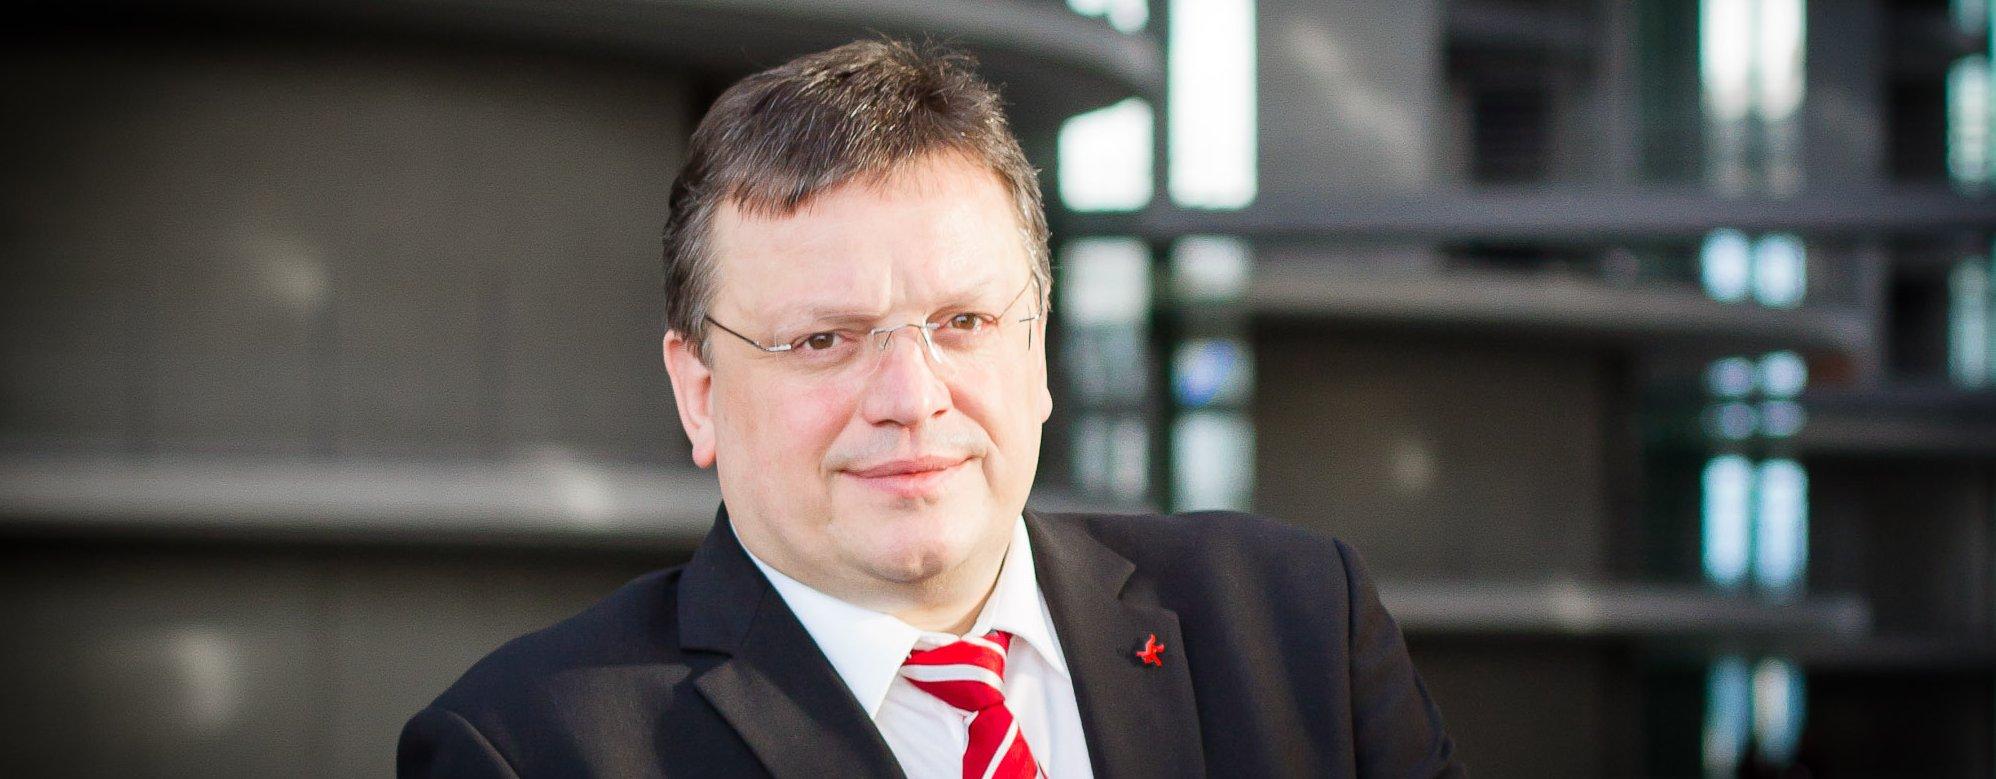 Der SPD-Bundestagsabgeordnete Andreas Rimkus positioniert sich beim Thema Sterbebegleitung